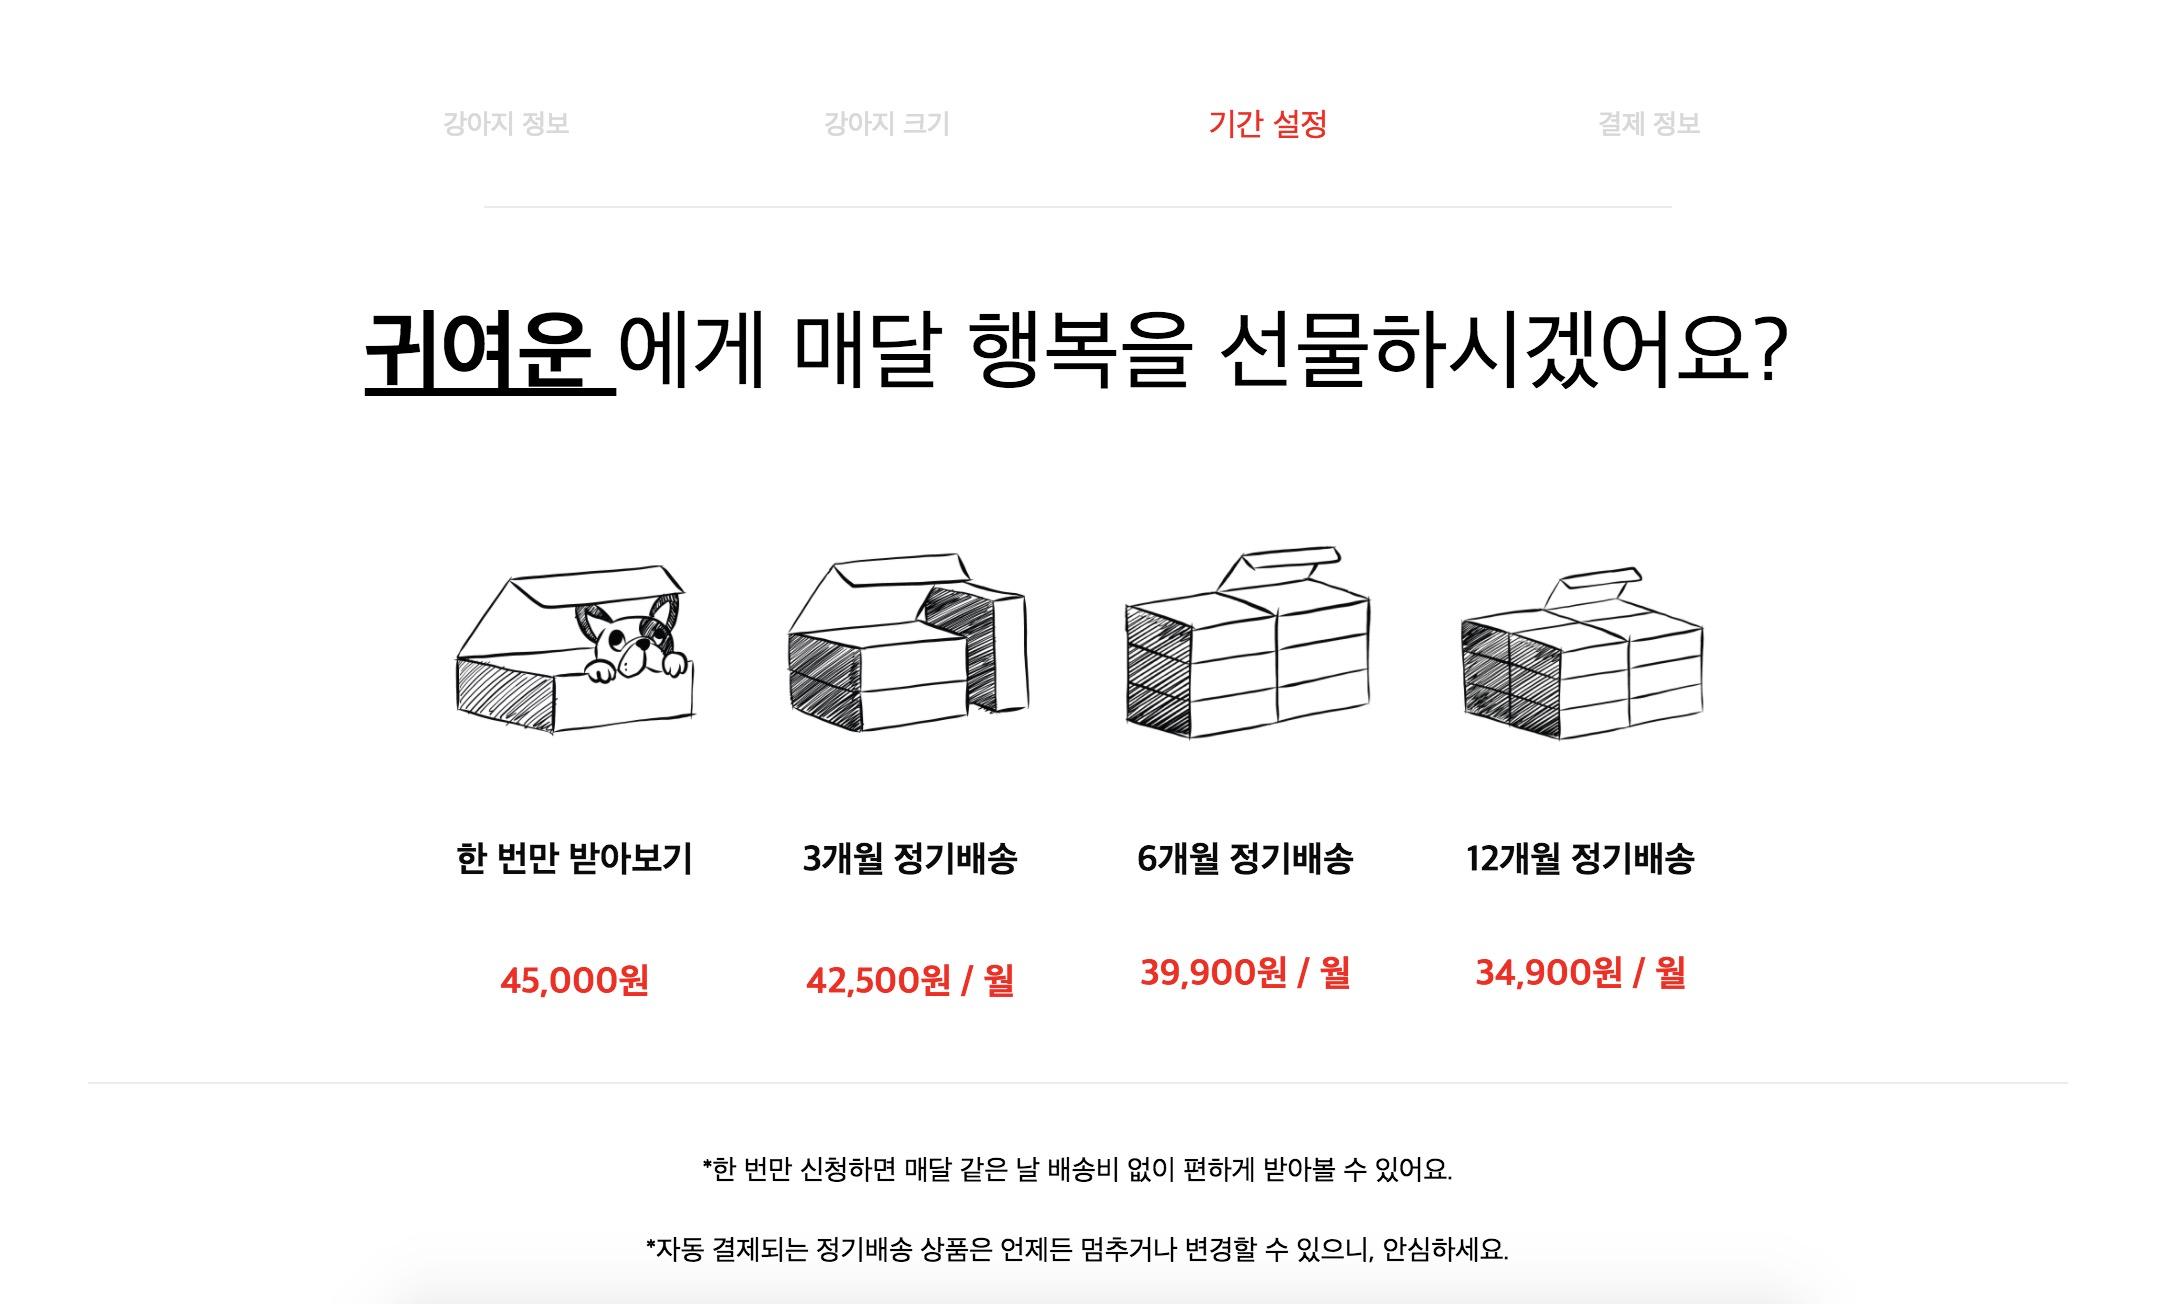 워드프레스 쇼핑몰 사례-코드엠샵-정기결제-베이컨박스-우커머스사례-9